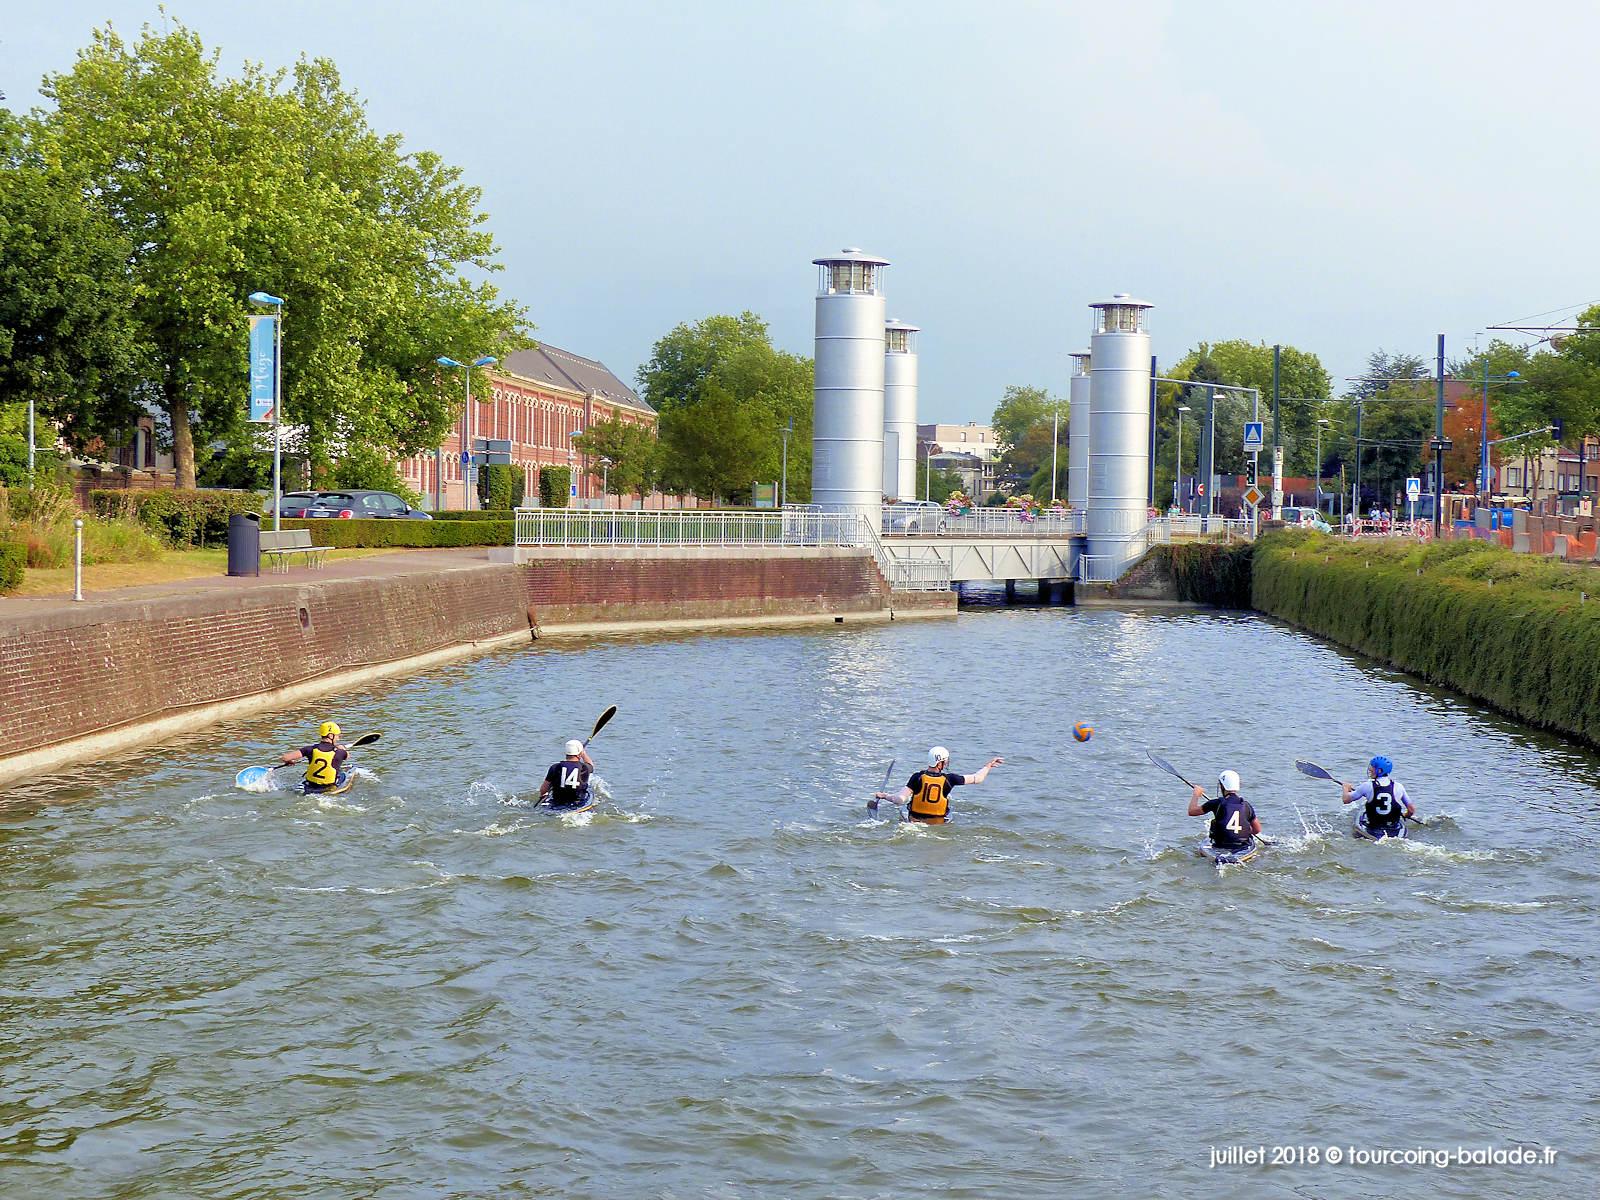 Kayak-Polo, Canal de Tourcoing 2018